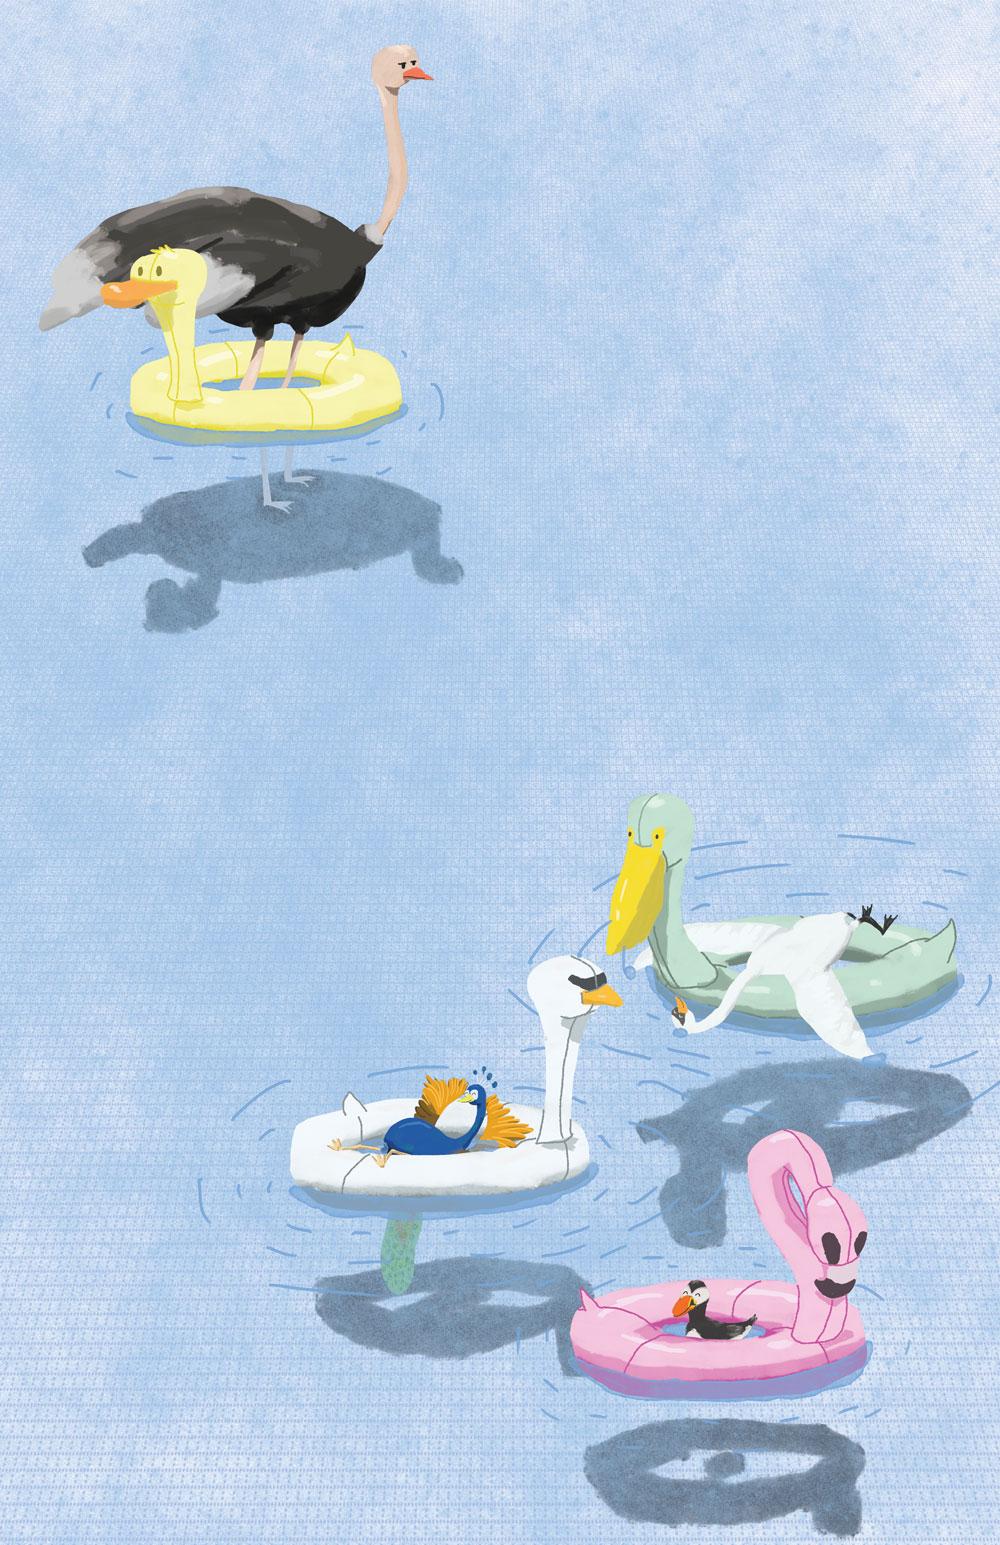 bird-bath_150714_v1.1_lowres.jpg